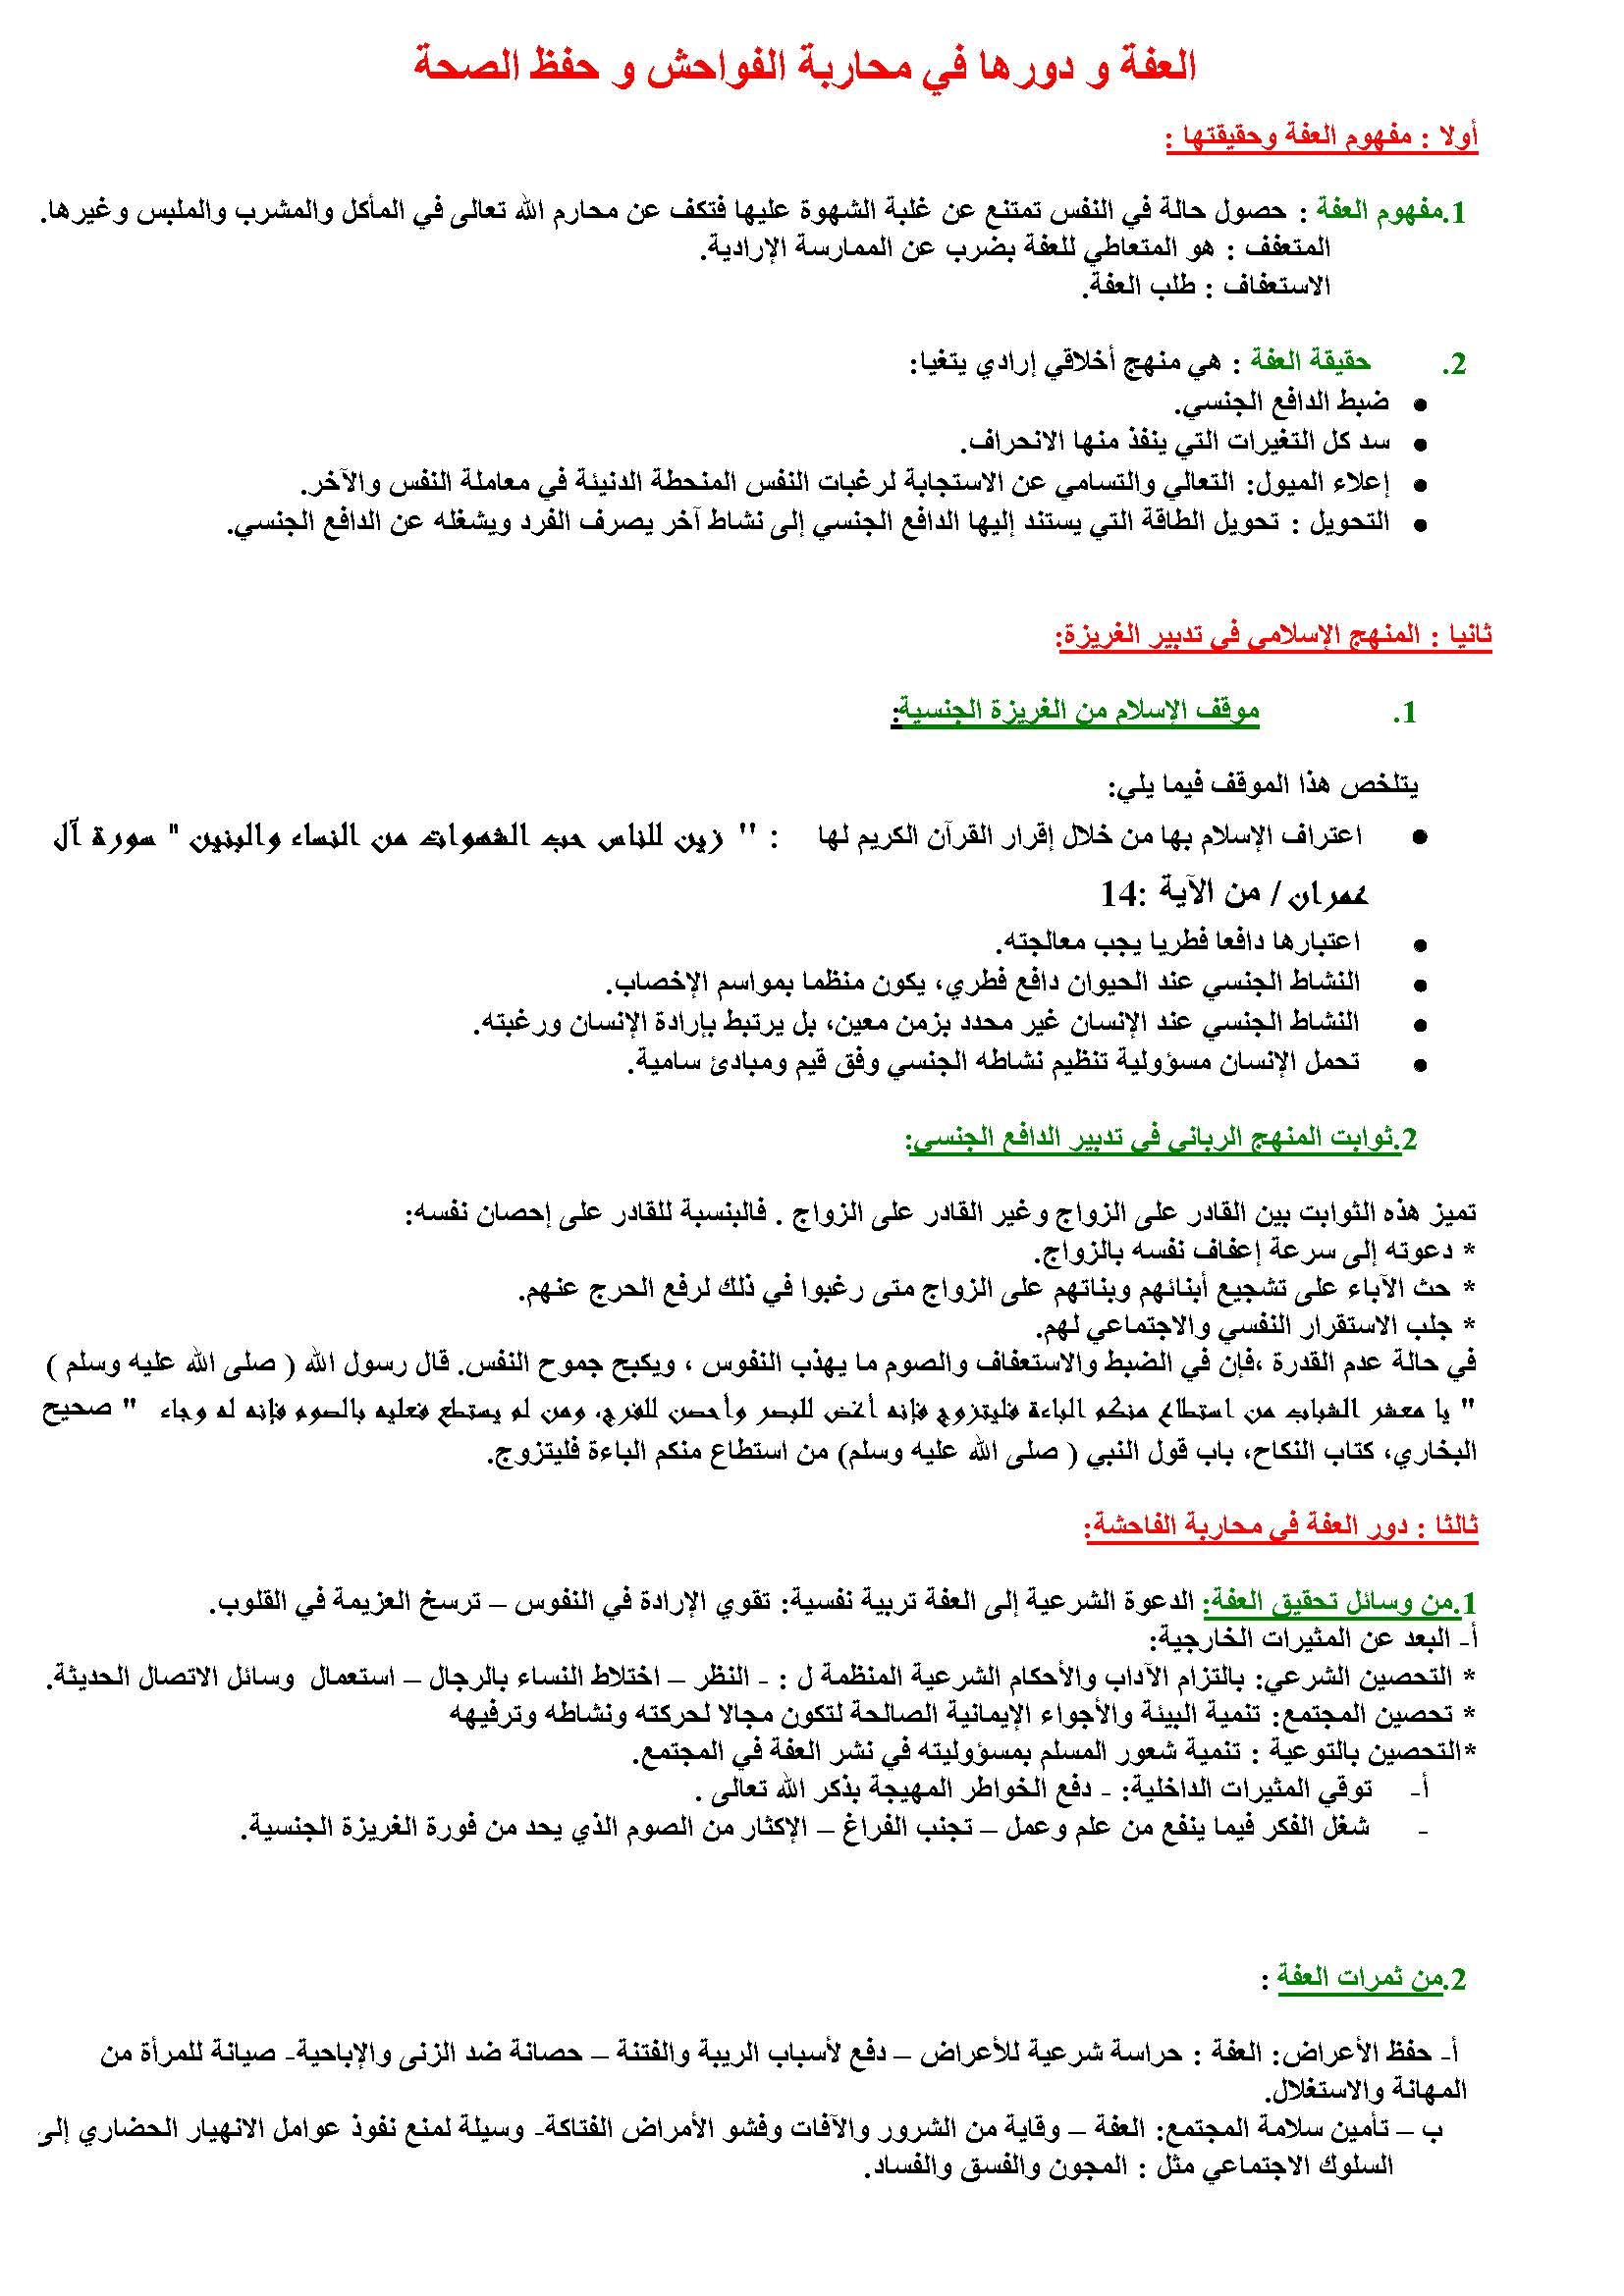 دروس التربية الإسلامية